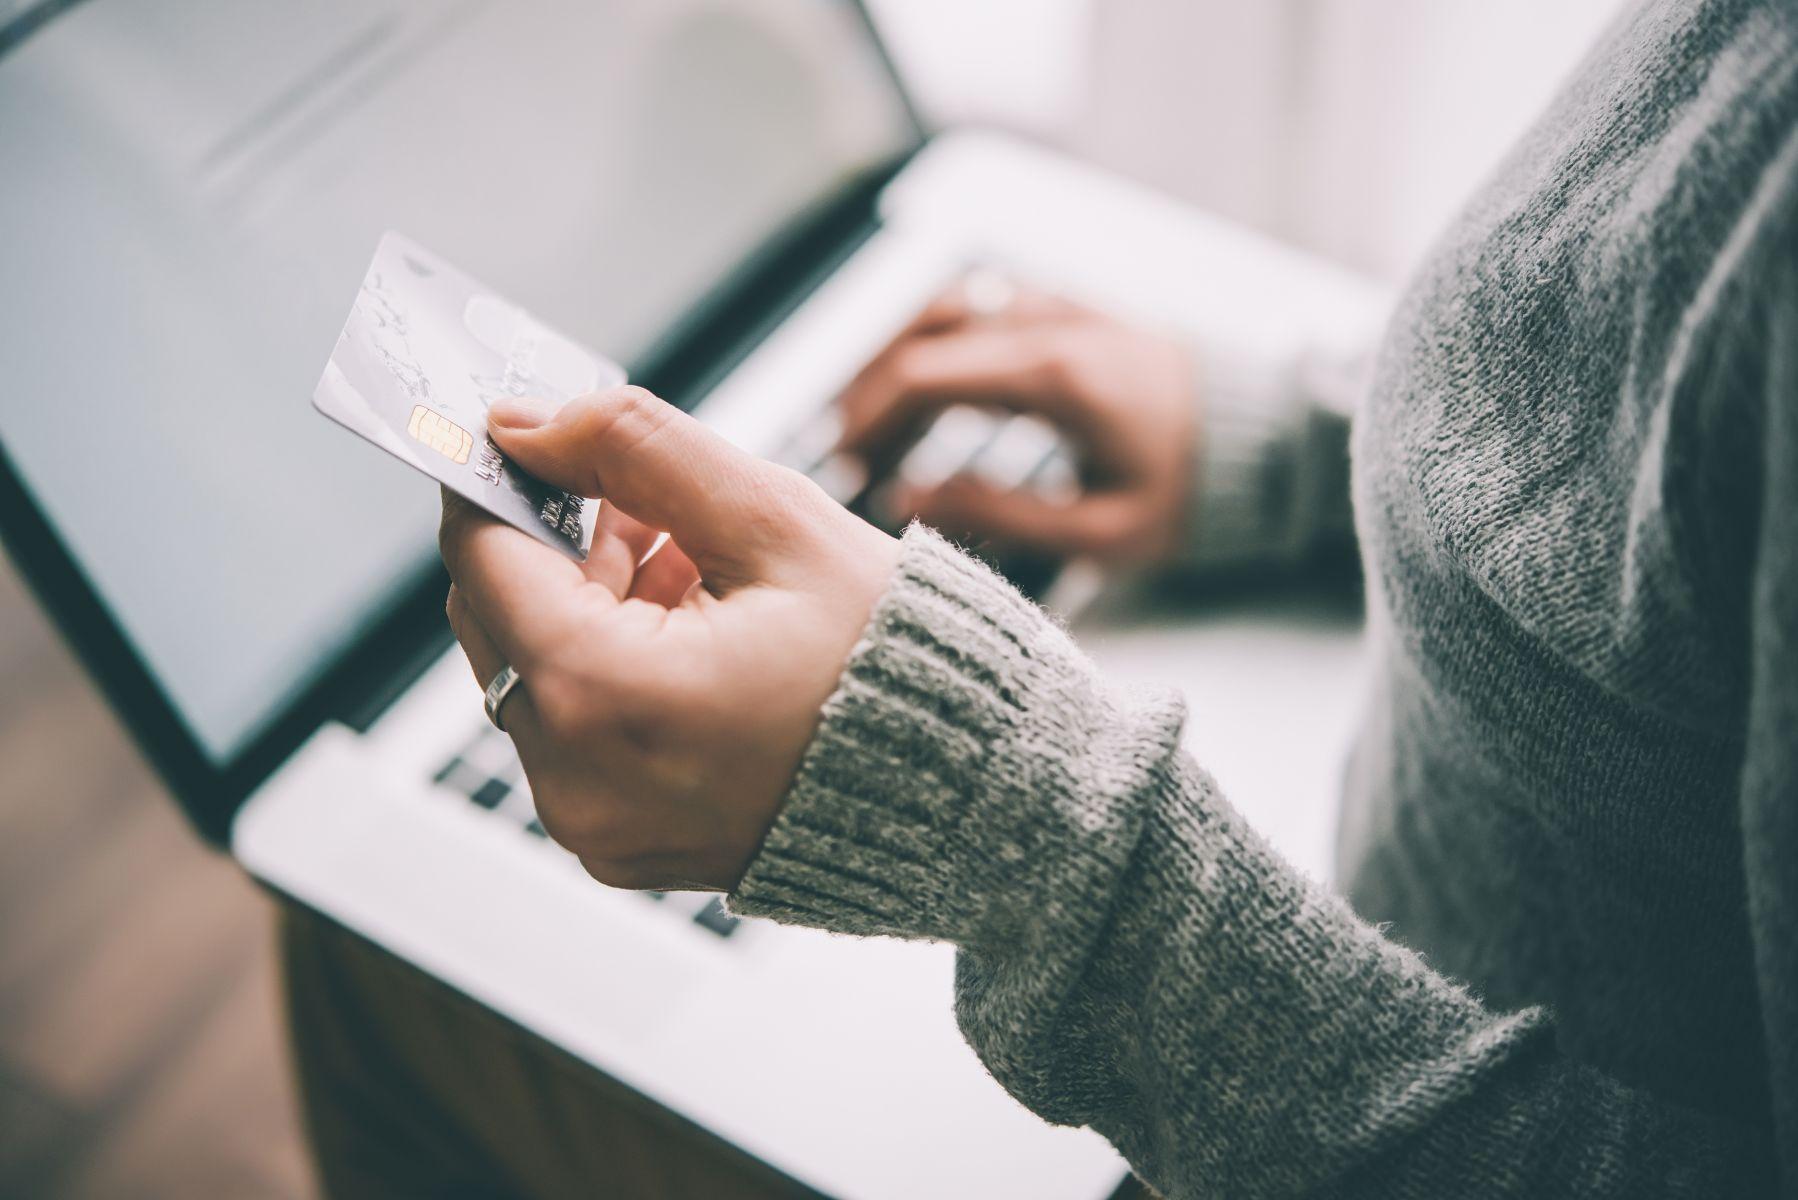 廣告不實?7家銀行信用卡機場接送服務不含宜花東 金管會要查